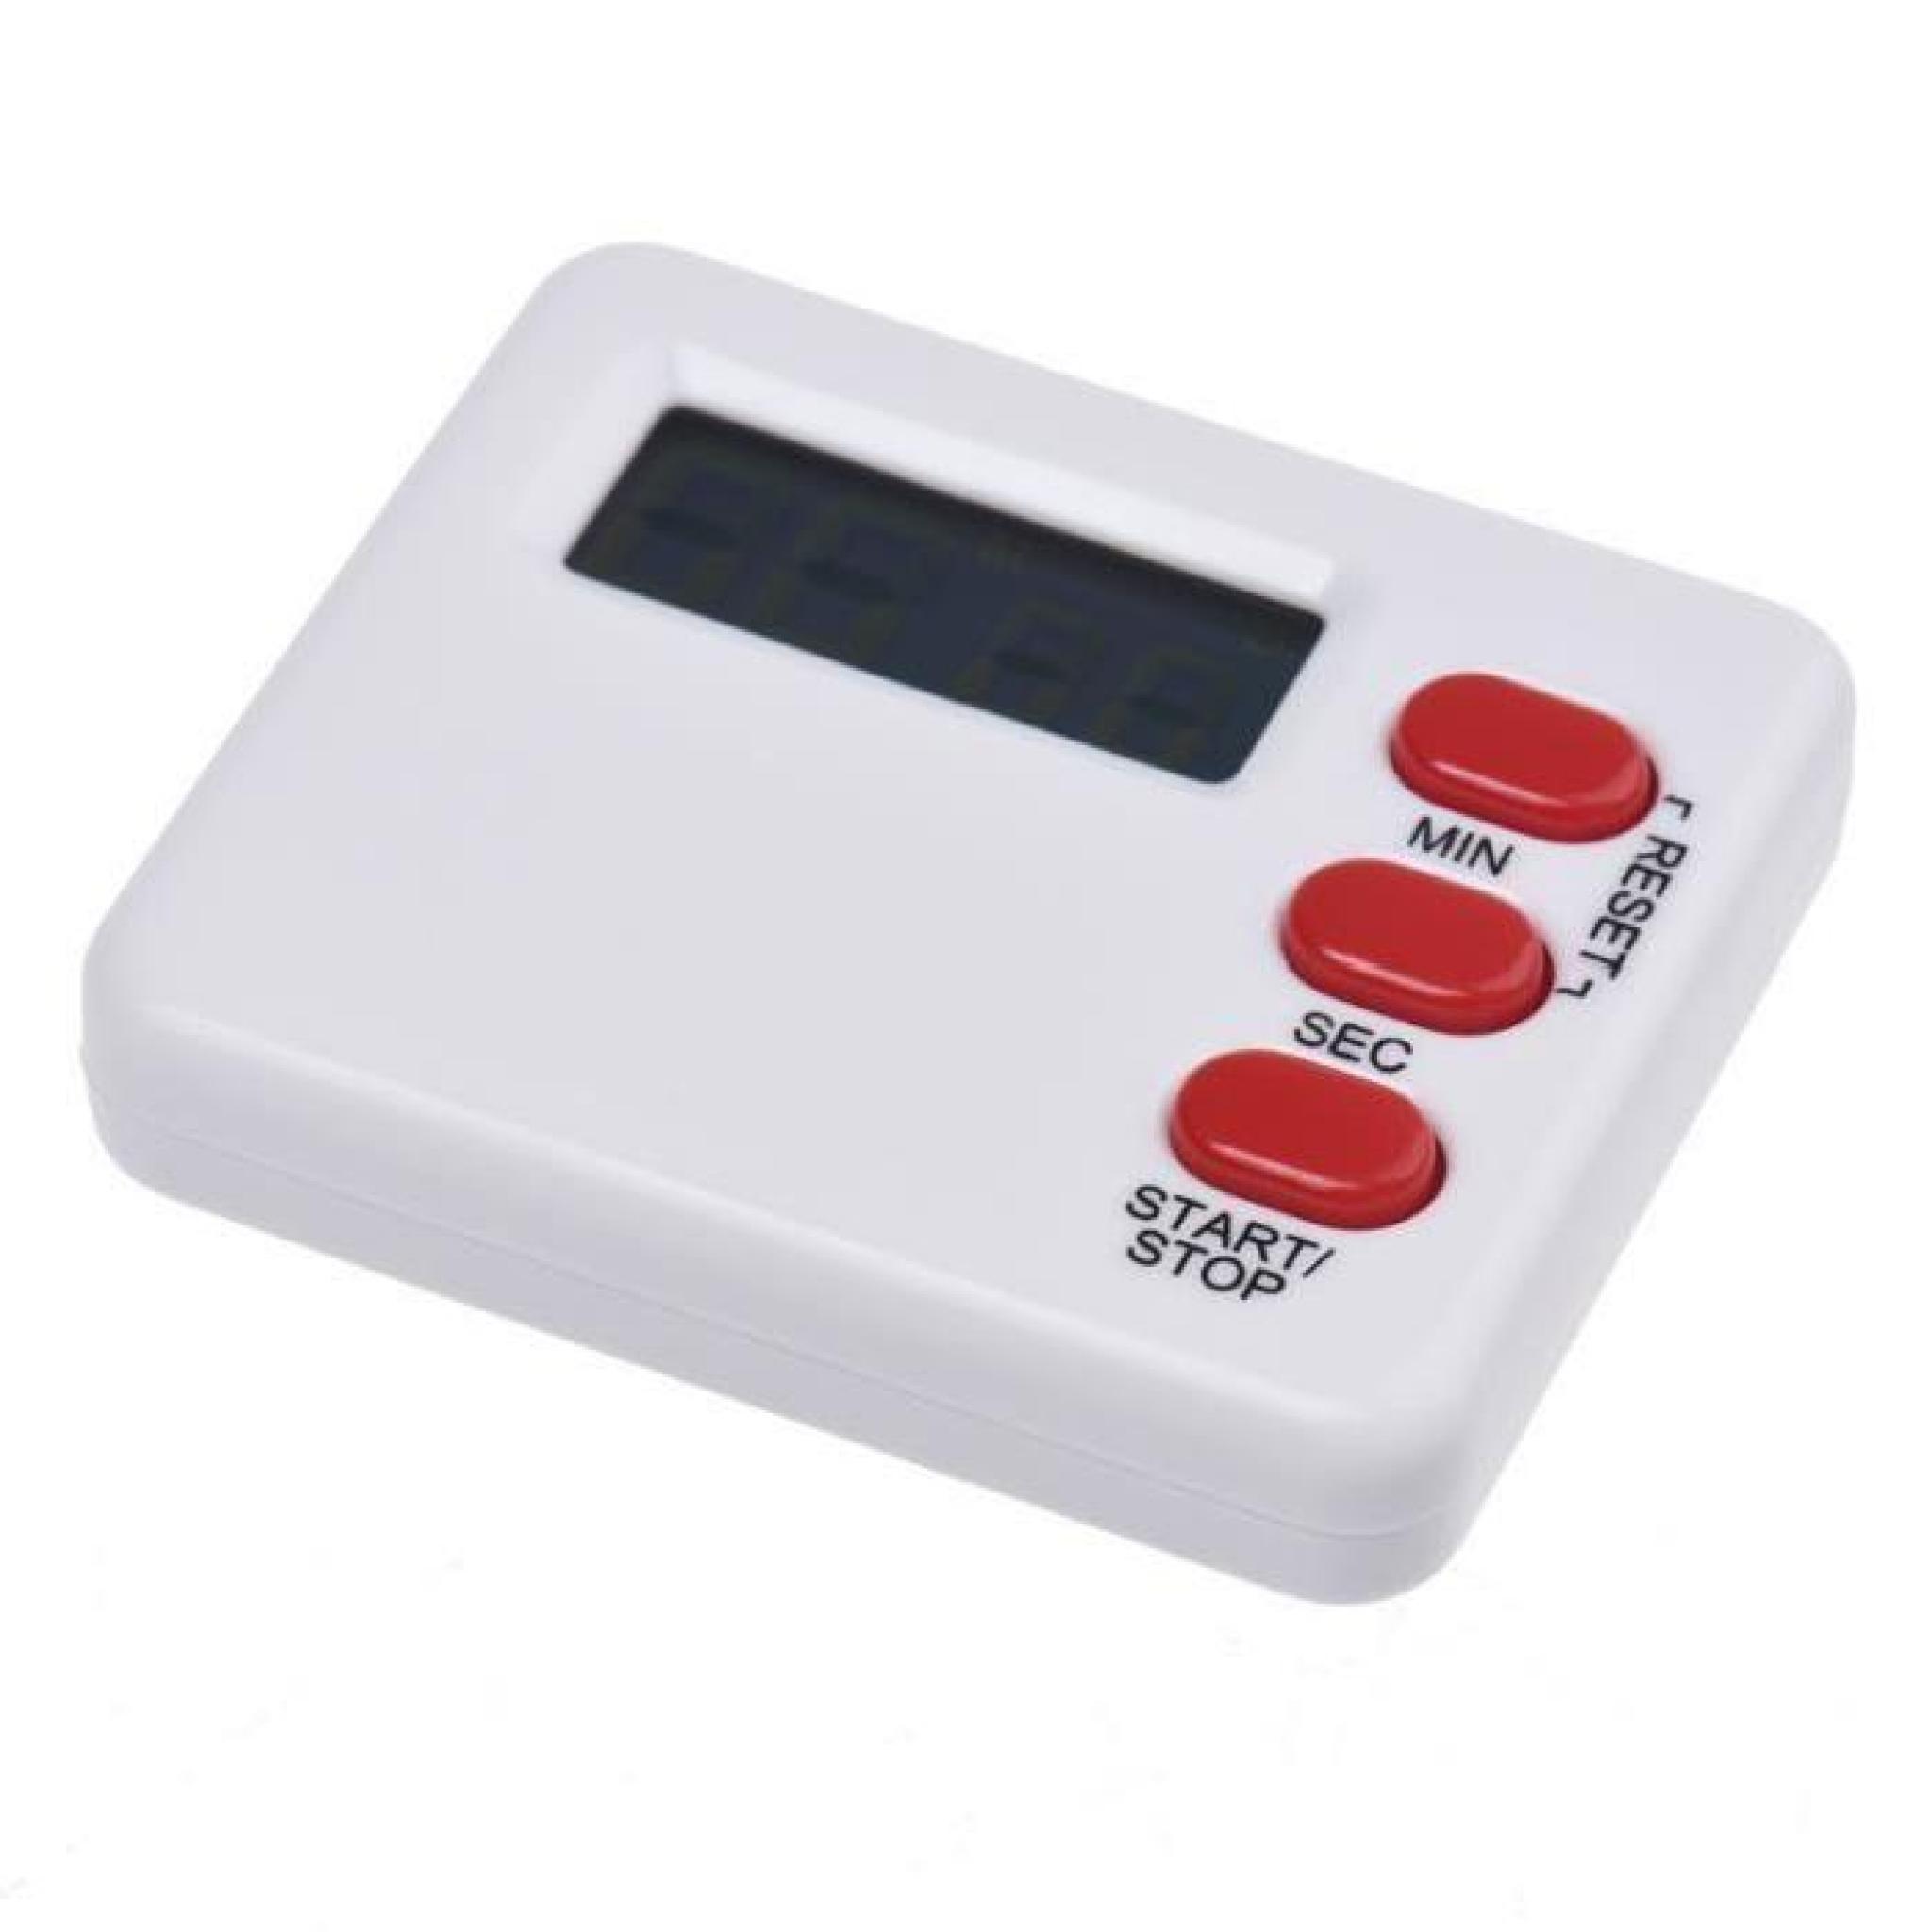 Chronom tre de r veil de cuisine calculatrice de compte for Cuisine exterieure pas cher